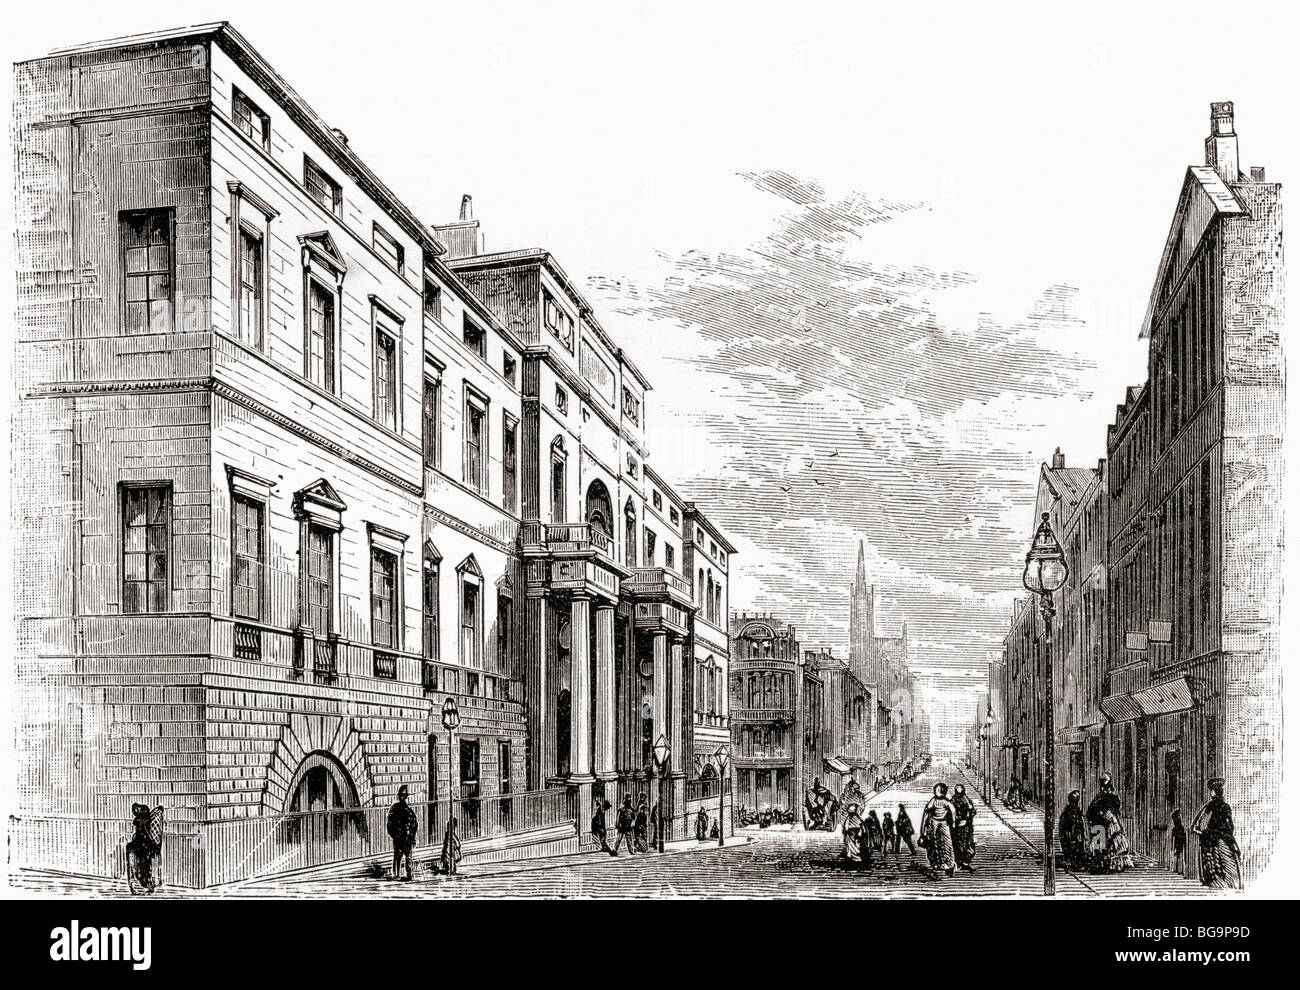 19th Century Edinburgh Stock Photos & 19th Century Edinburgh Stock ...